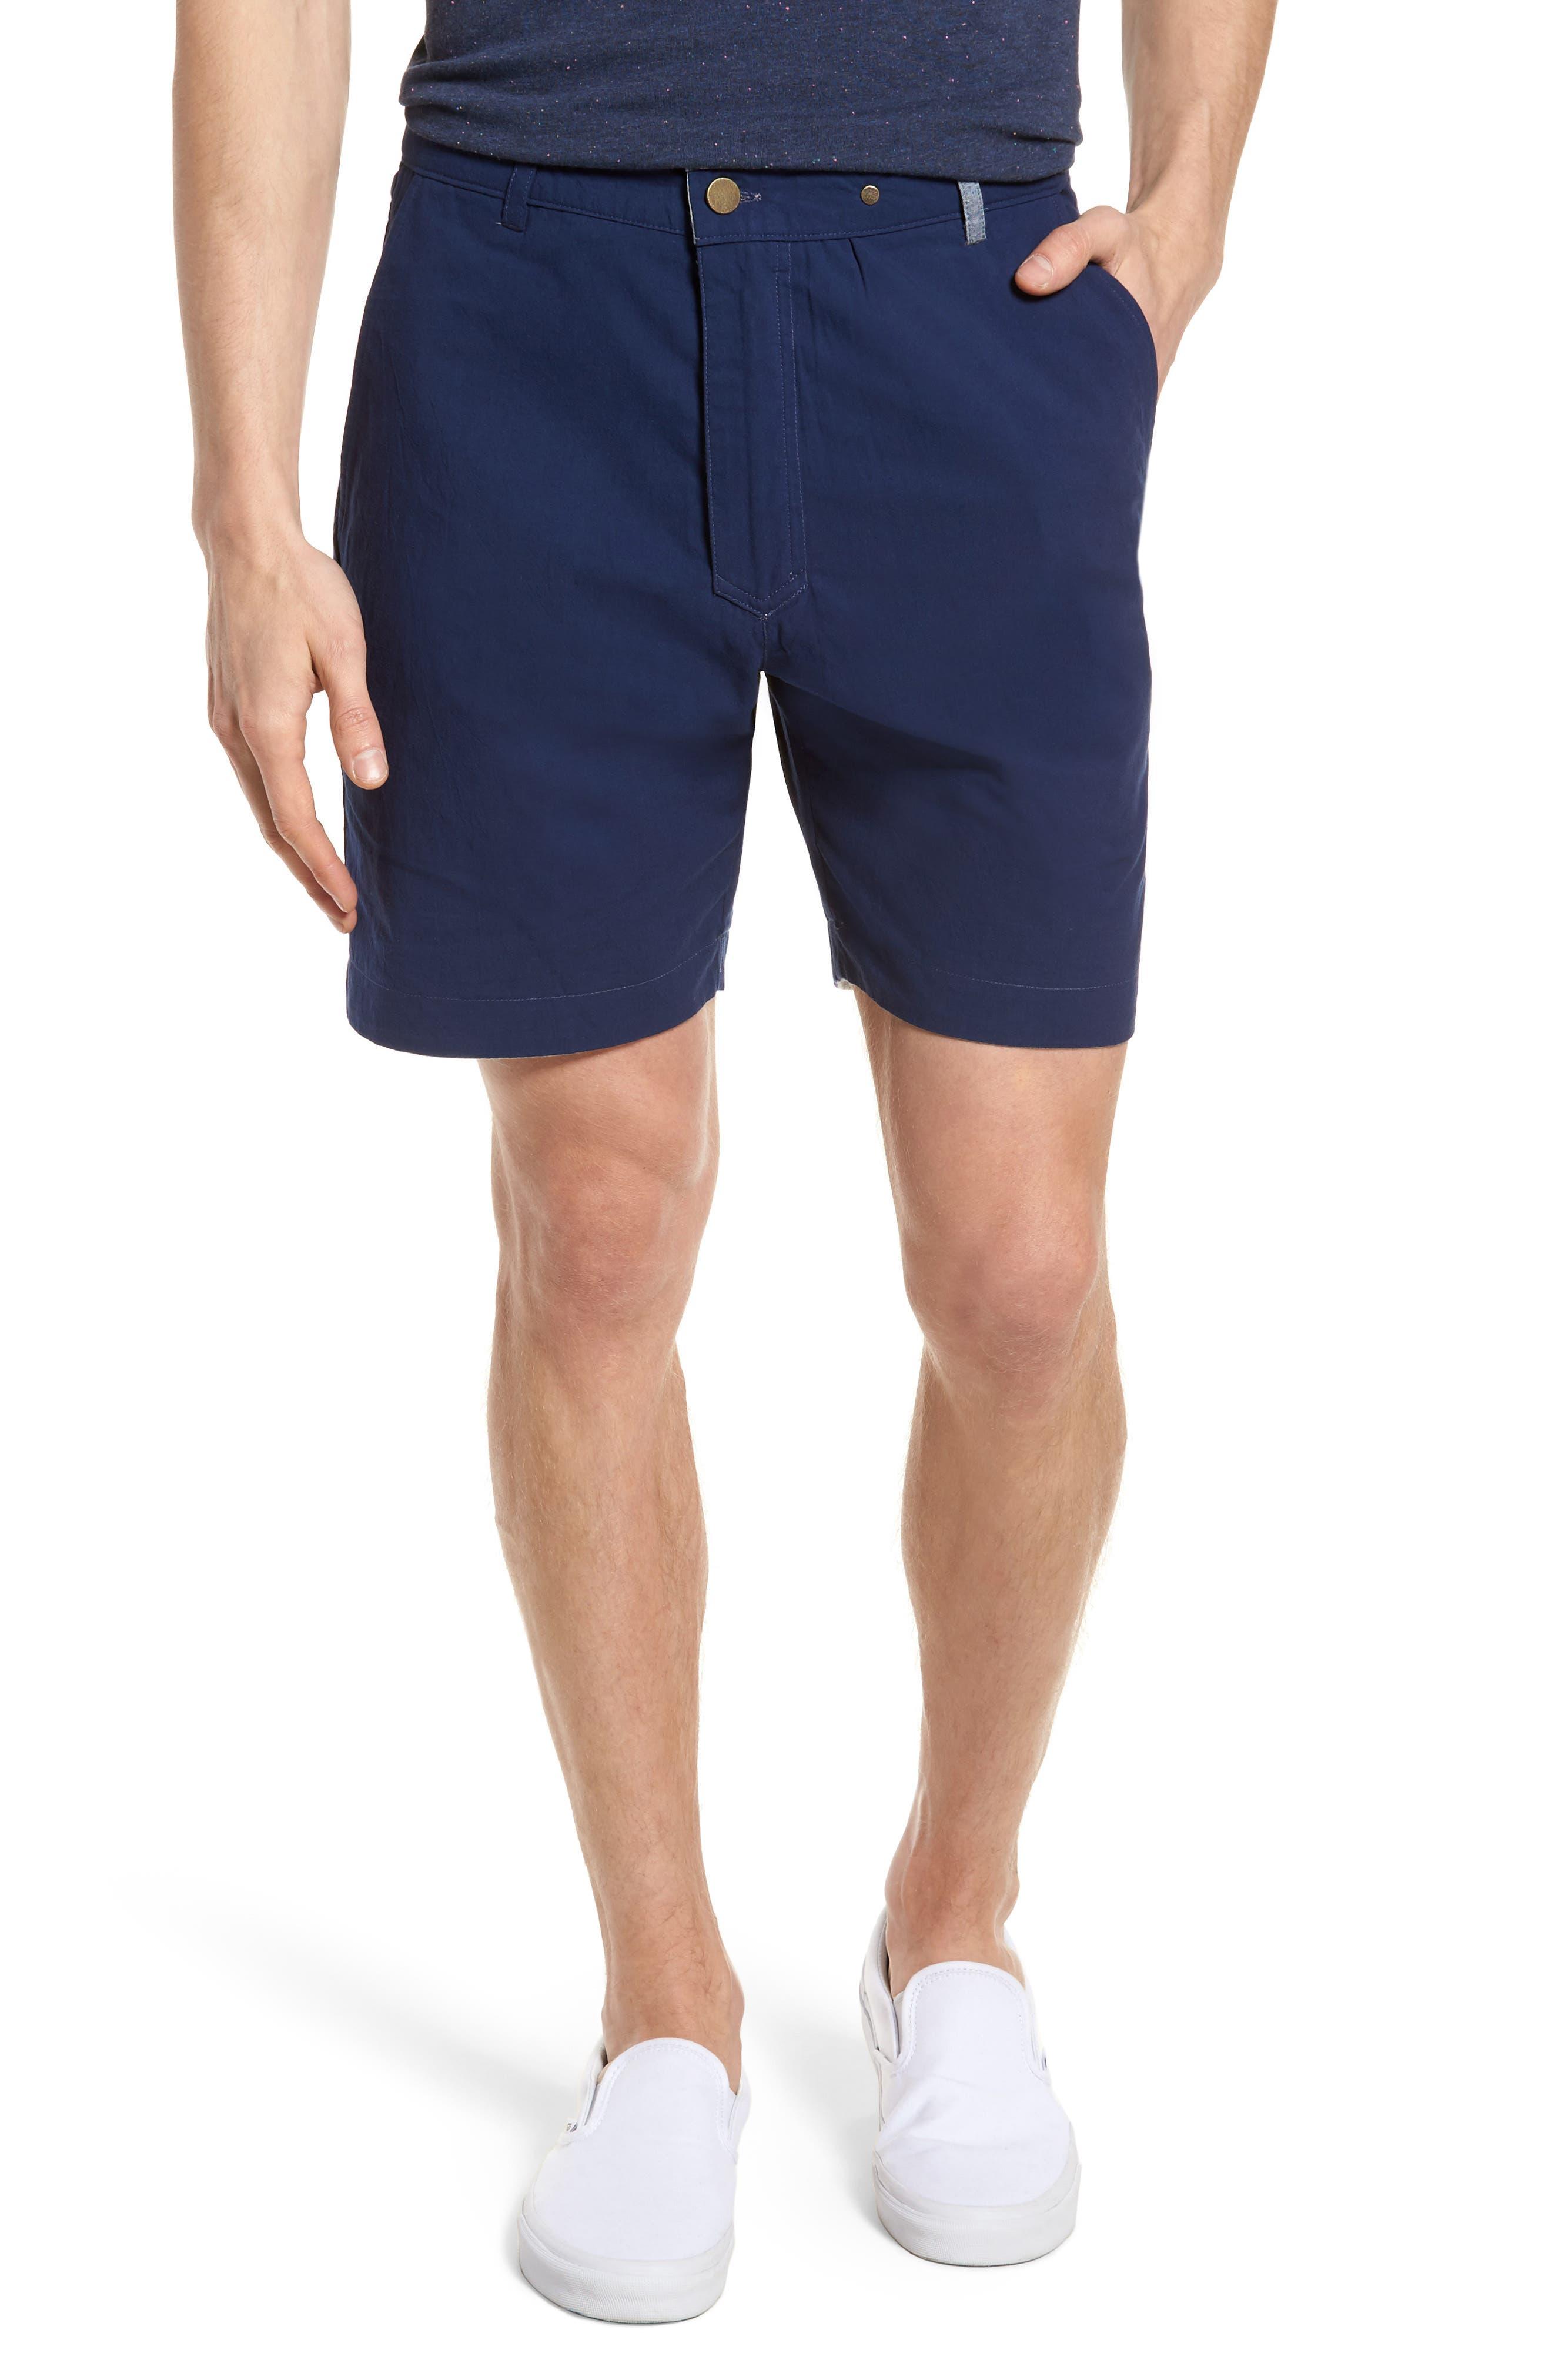 Rock Steady Reversible Shorts,                             Main thumbnail 1, color,                             Grey